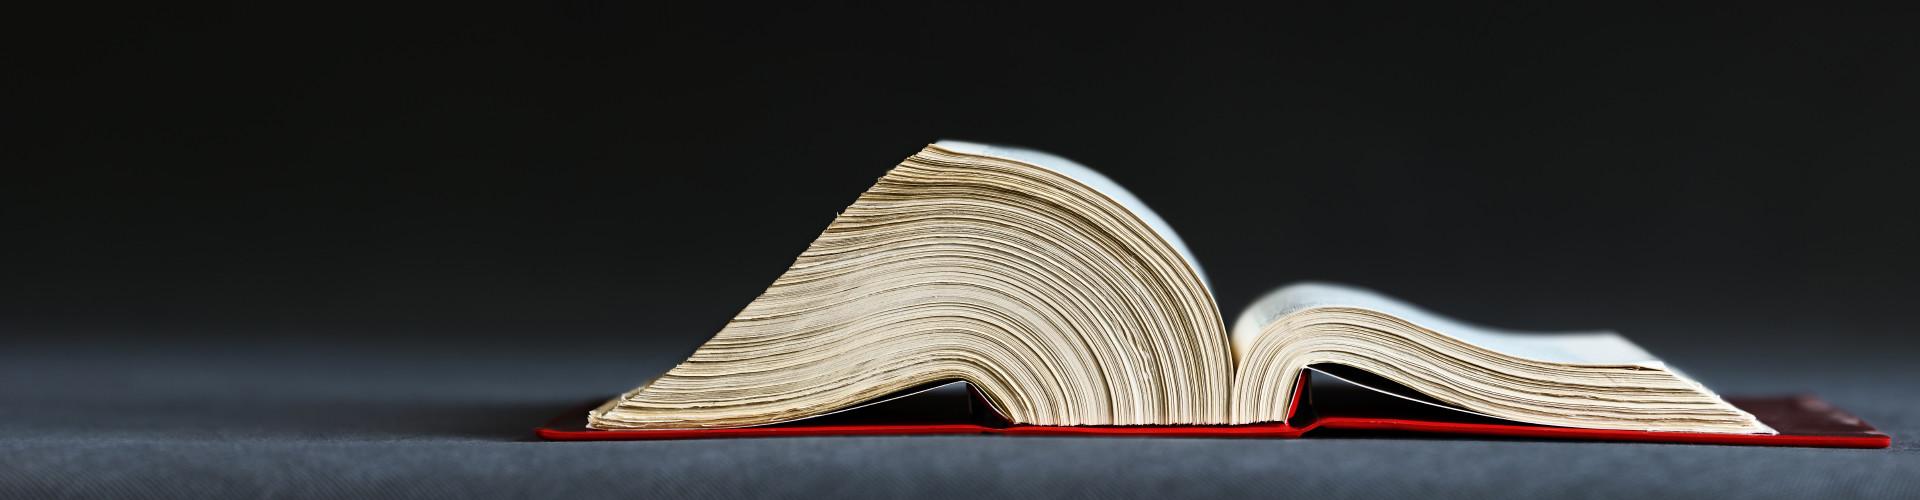 aufgeschlagenes Buch © Ingo Bartussek, Adobe Stock